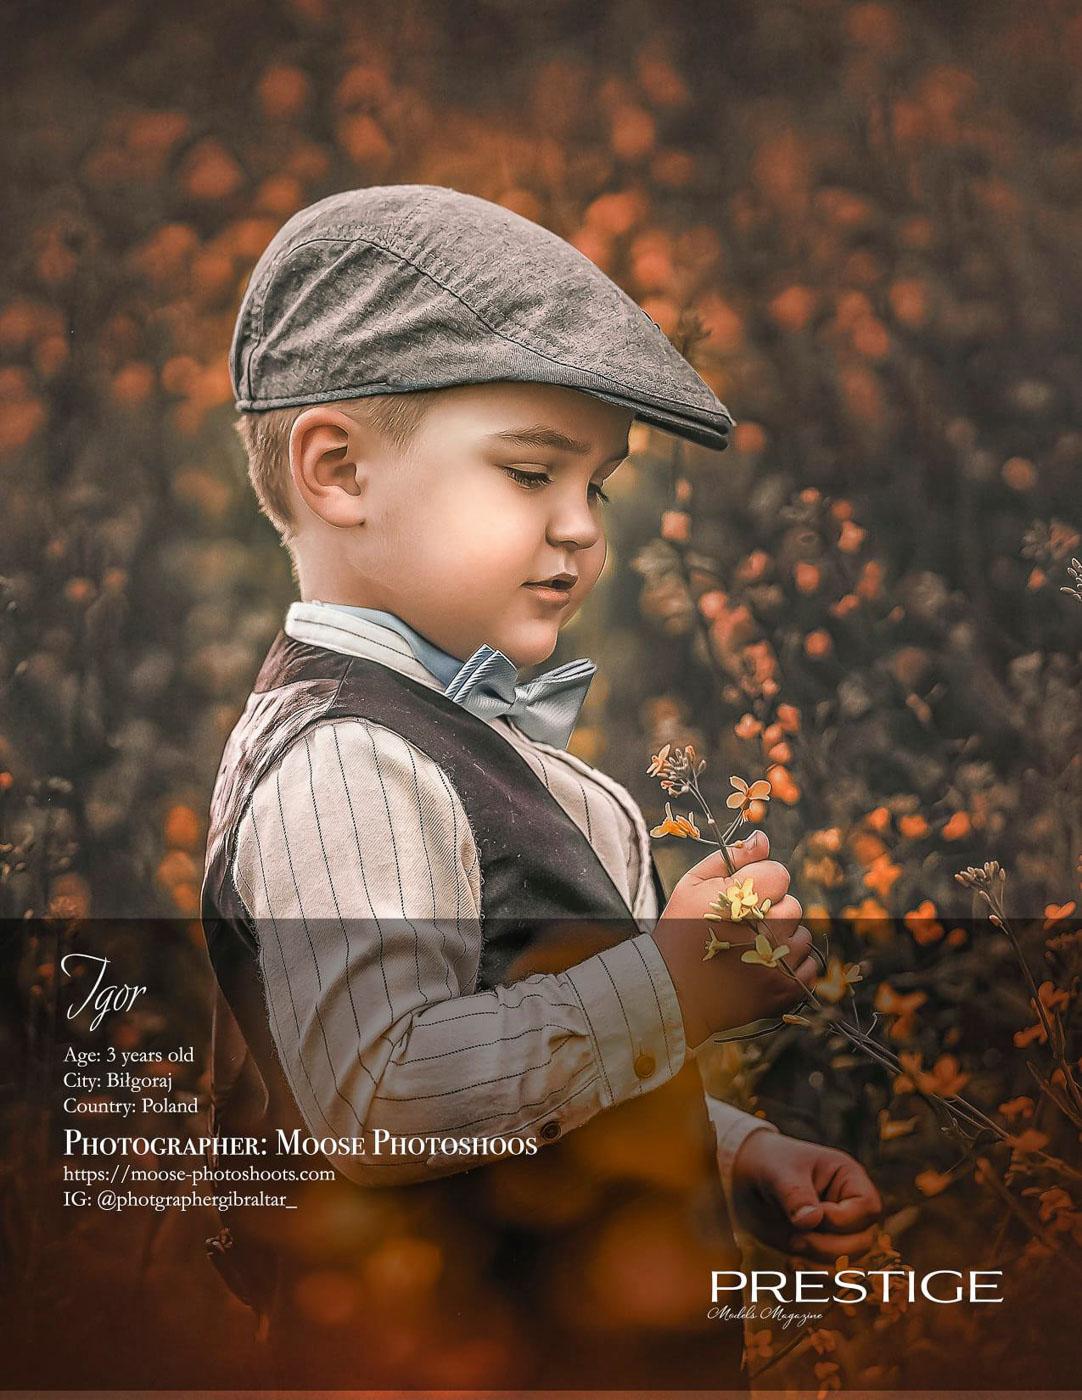 create your child modelling portfolio, children photos, little boy session, outdoor portrait session, child photography, fine art portrait